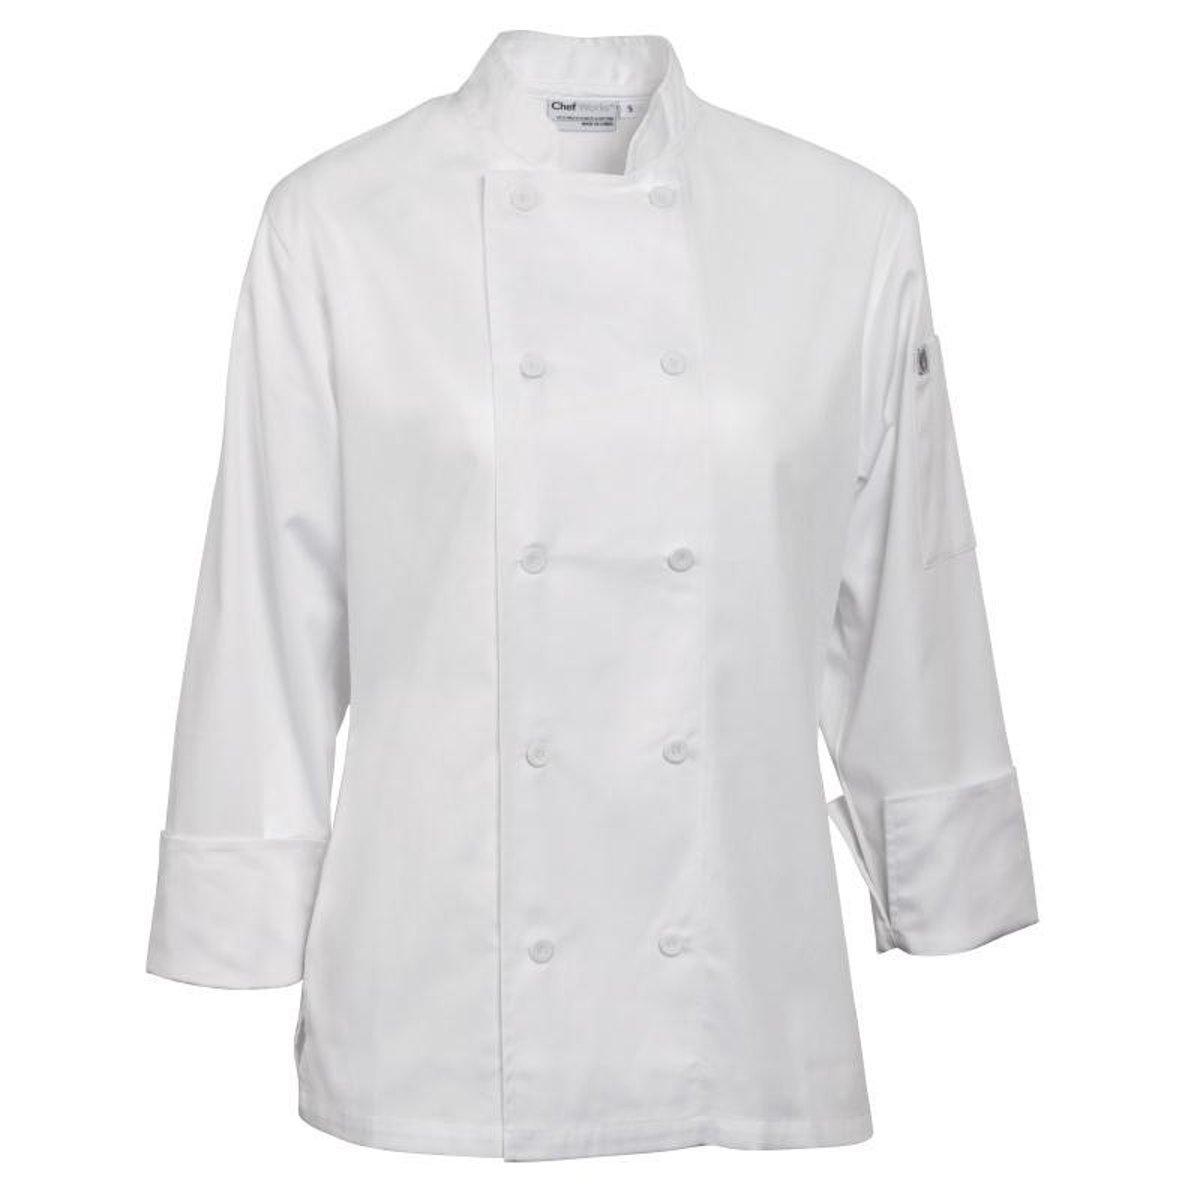 Chef Works damesbuis Marbella wit Maat S kopen